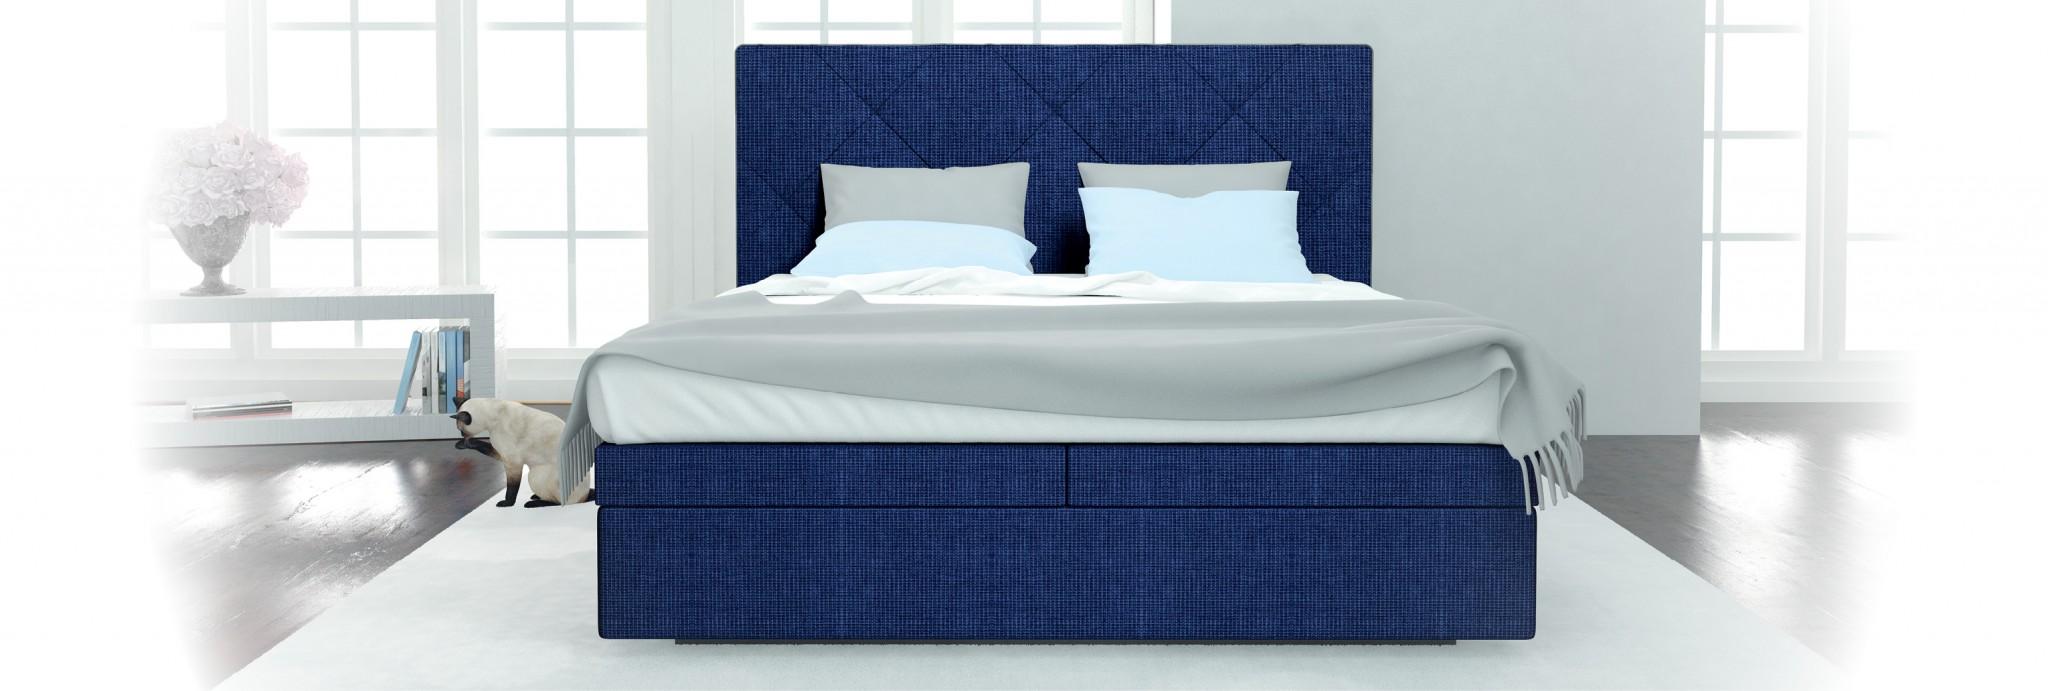 besten bettdecken wandfarbe gold schlafzimmer mit dachschr ge neu gestalten bettw sche lila. Black Bedroom Furniture Sets. Home Design Ideas